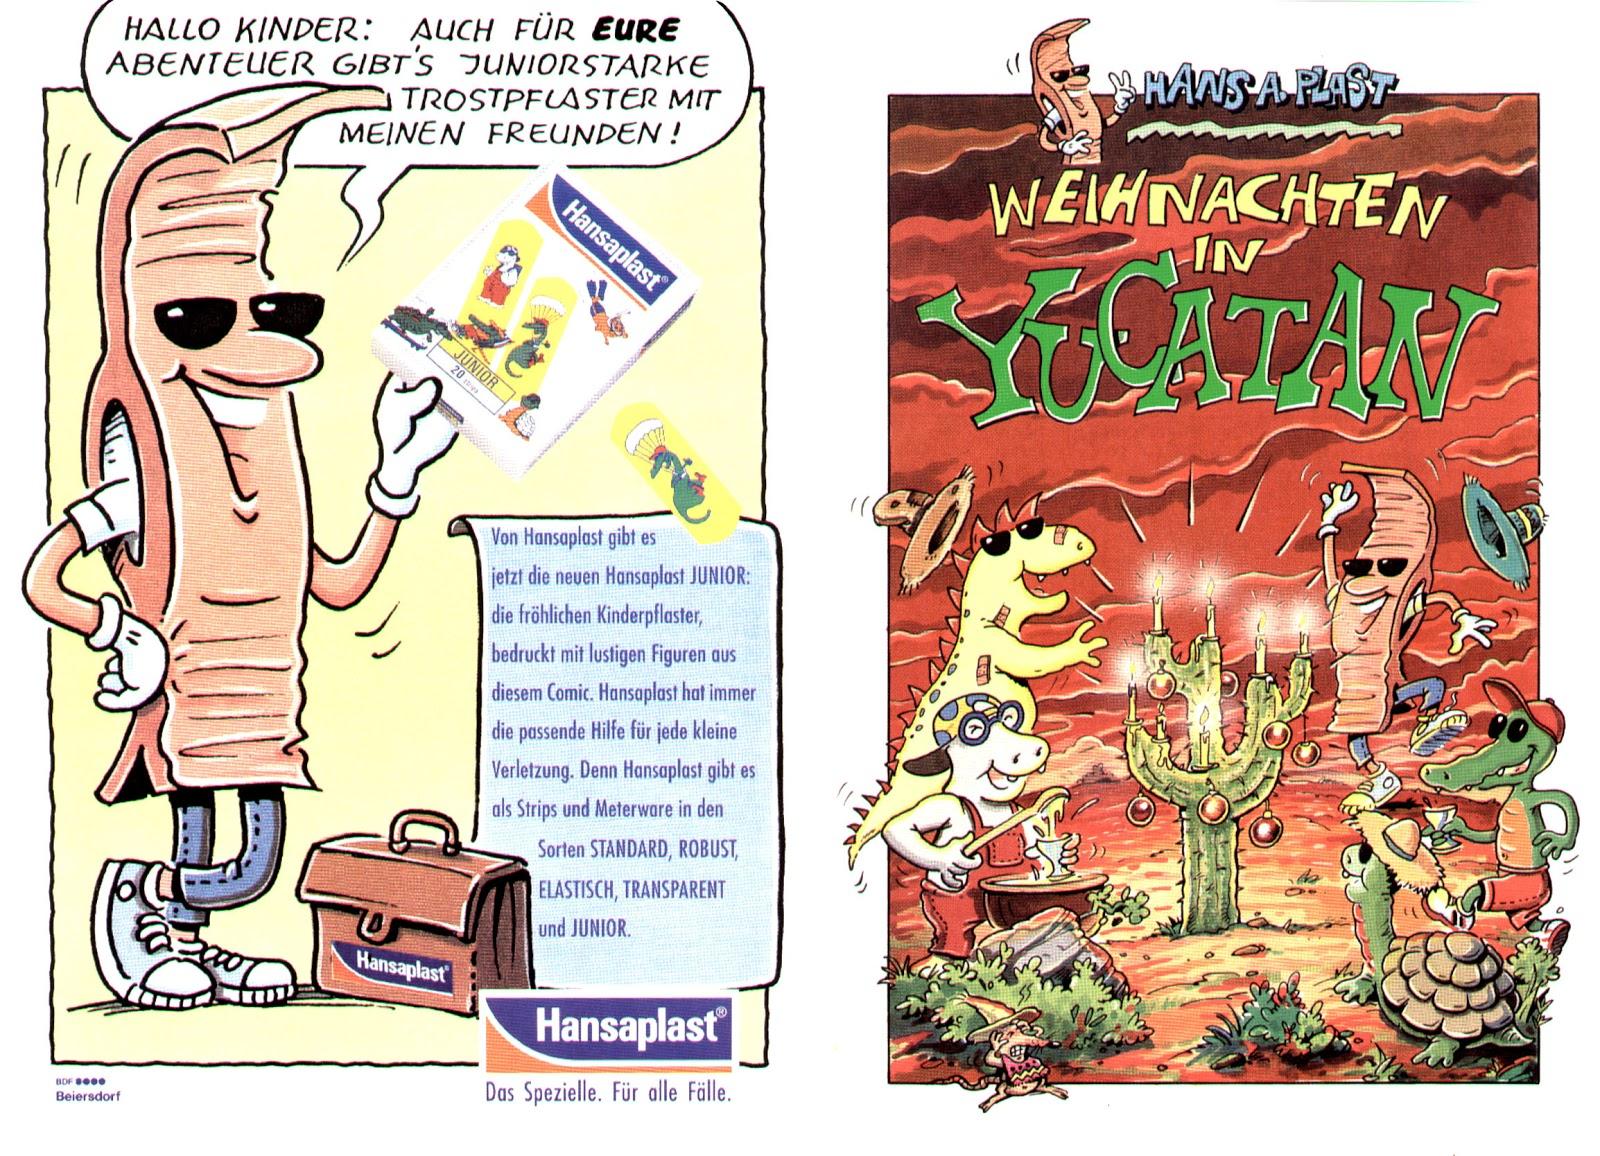 Weihnachten, Comic, Markenwerbung, Humor, Hansaplast, Fred Fuchs, Robert Welz, Köln, Marketing